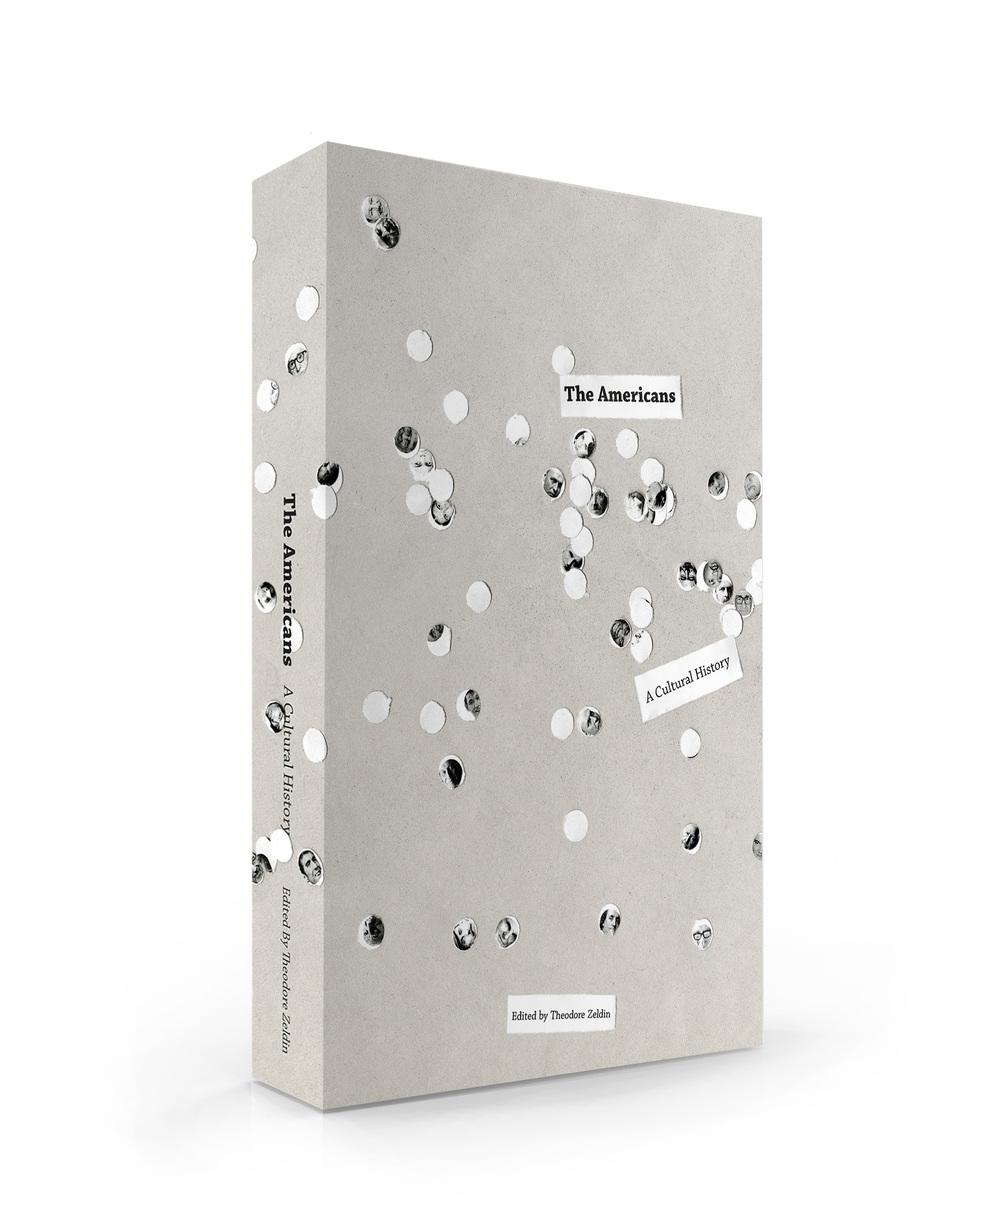 bookcoverside1.jpg